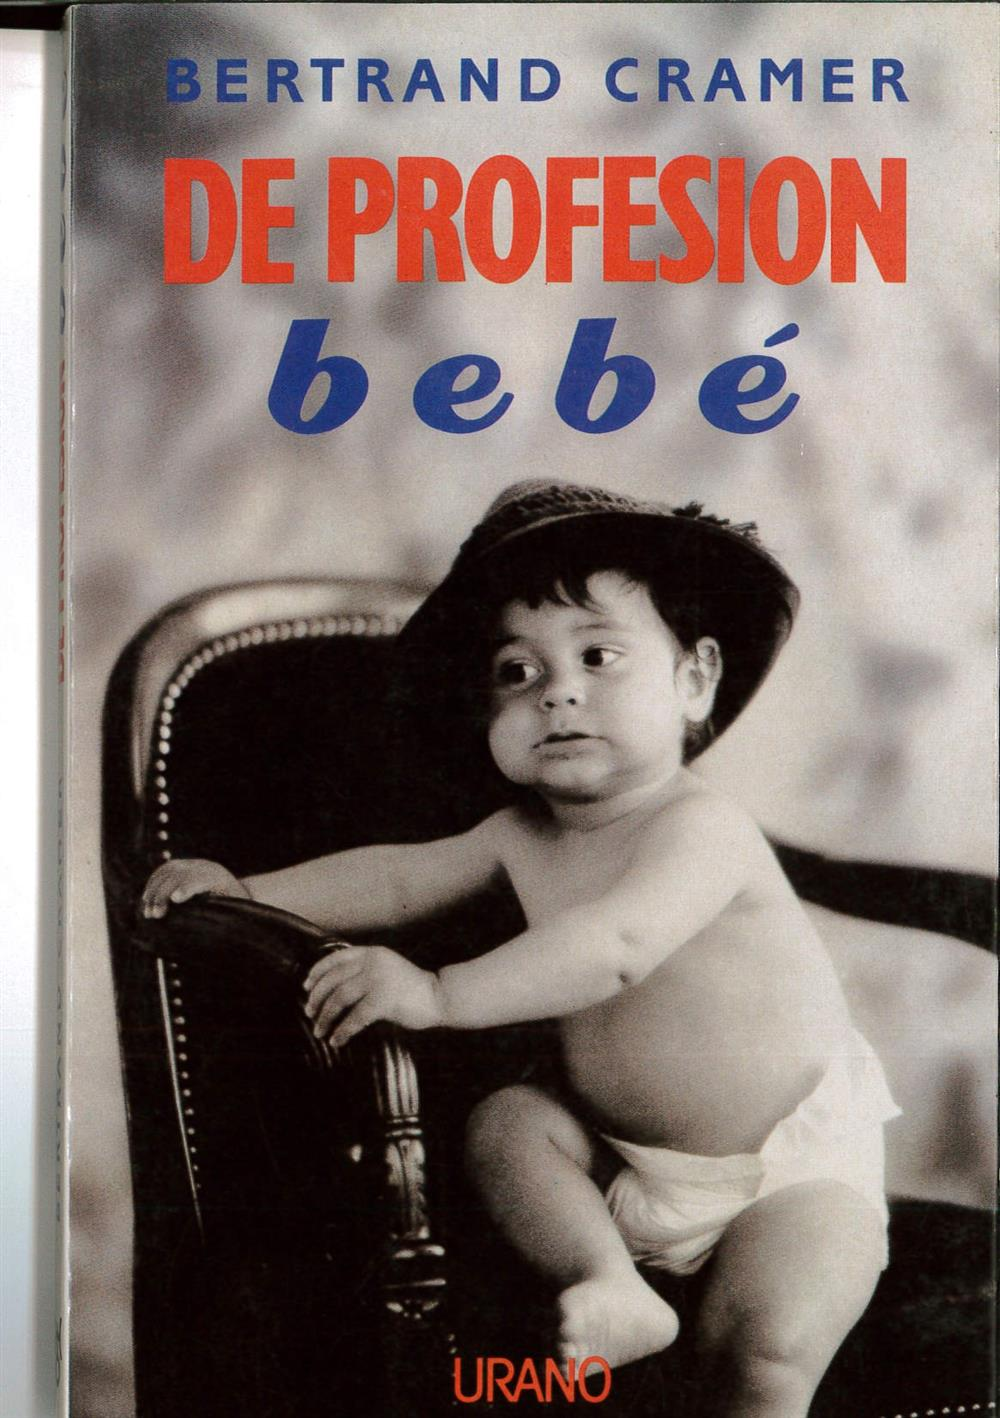 De profesión bebé